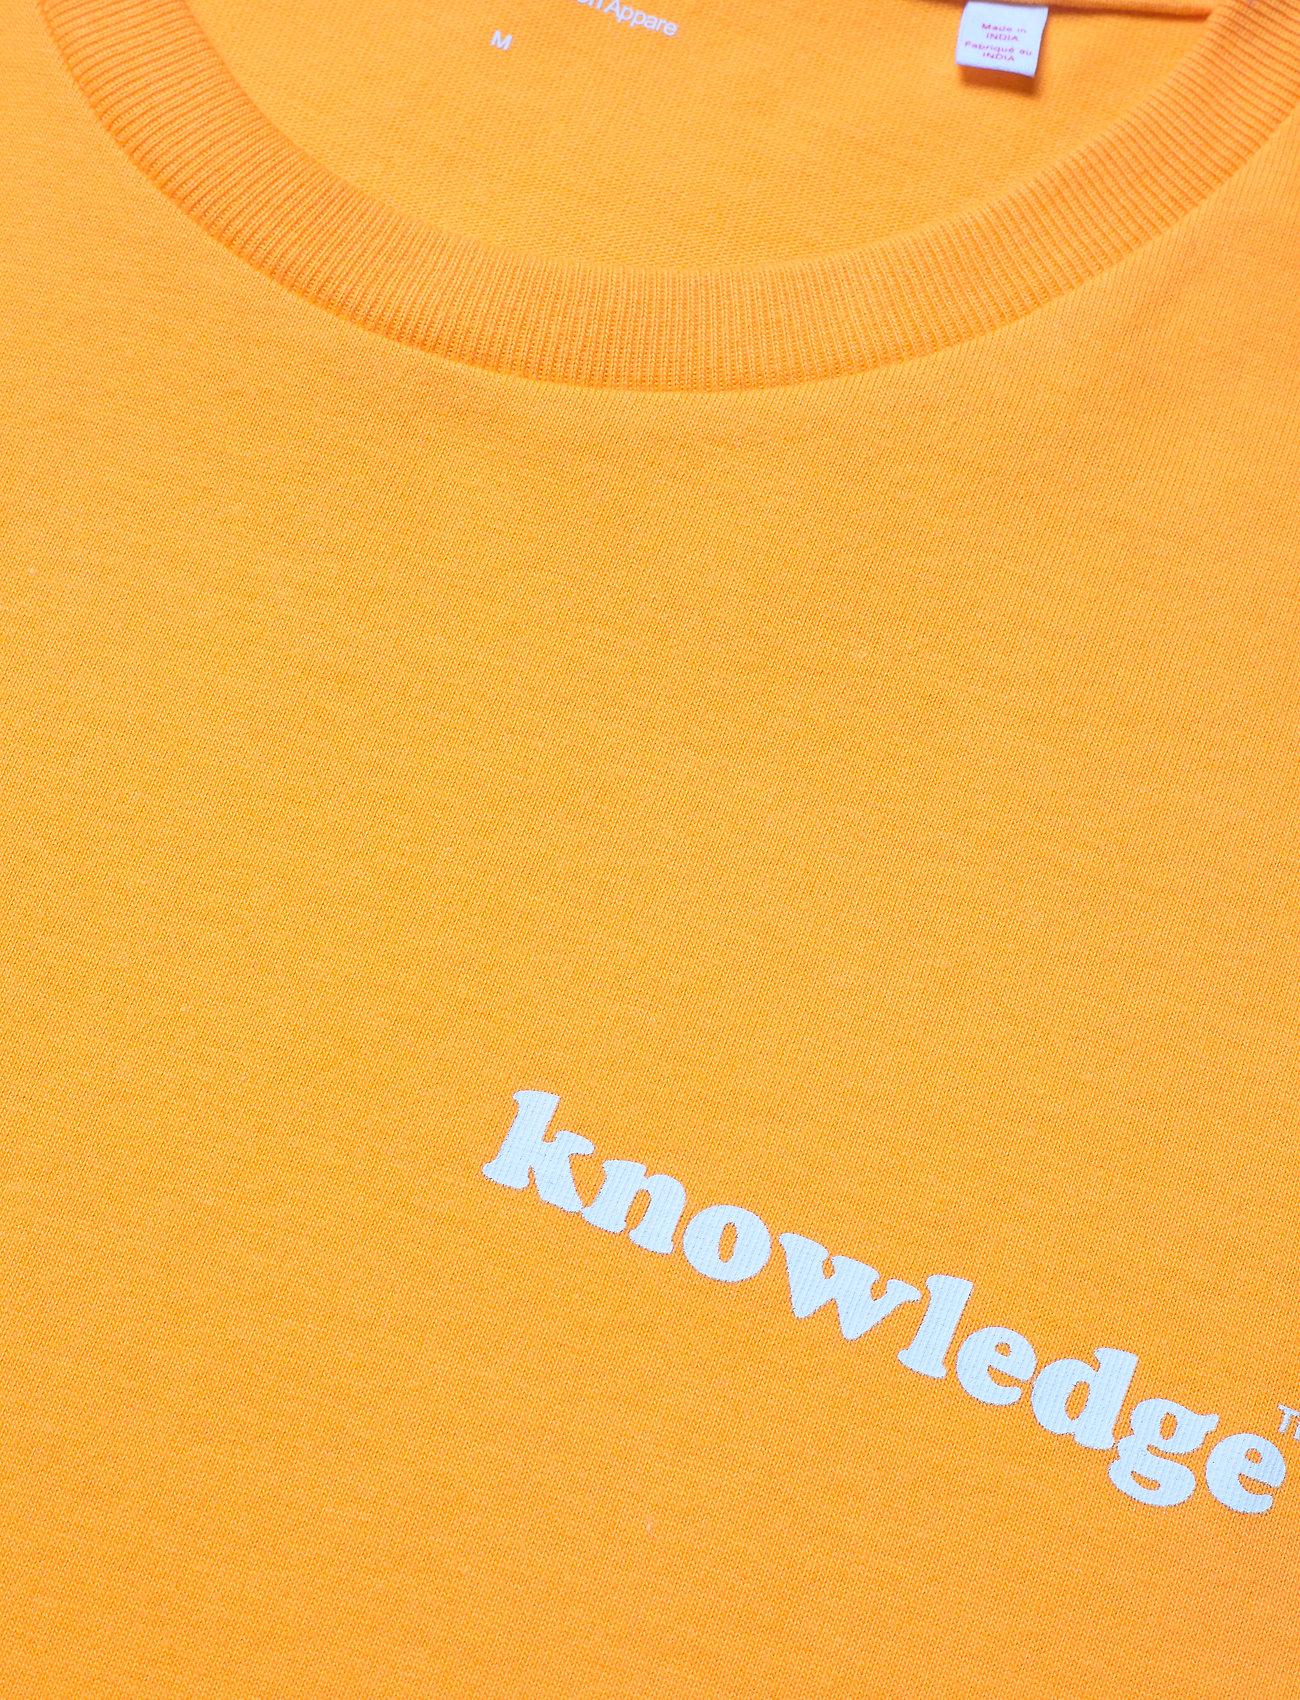 Knowledge Cotton Apparel ALDER knowledge tee - GOTS/Vegan - T-skjorter ZENNIA YELLOW - Menn Klær